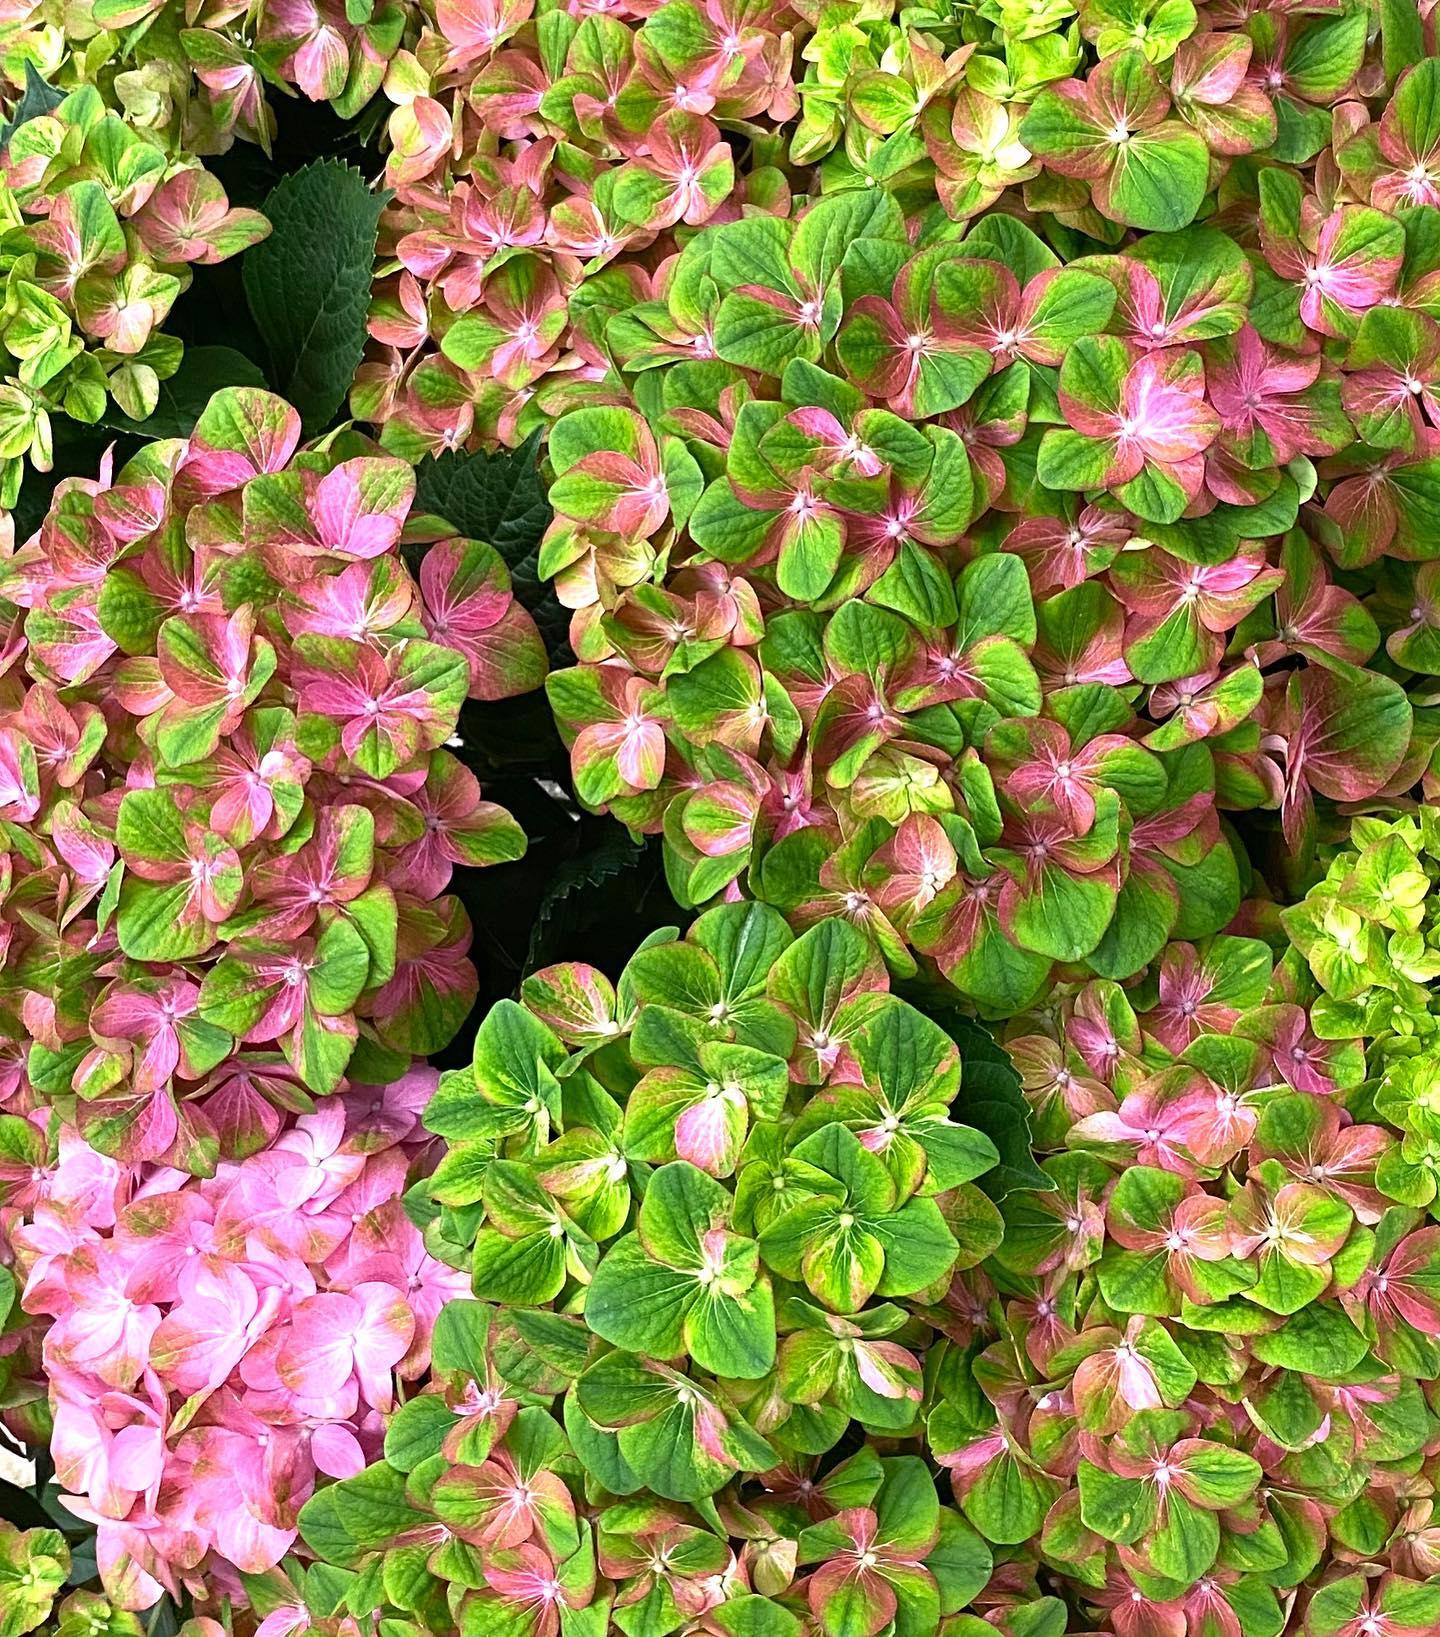 アジサイ、マジカルグリーンファイヤーです。これ1鉢で、直径90センチあります^ ^上手く育てれば今から秋まで楽しめます。母の日までアジサイ色々紹介していきます!#あじさい#ハイドランジア#紫陽花#母の日#ヒカリカ